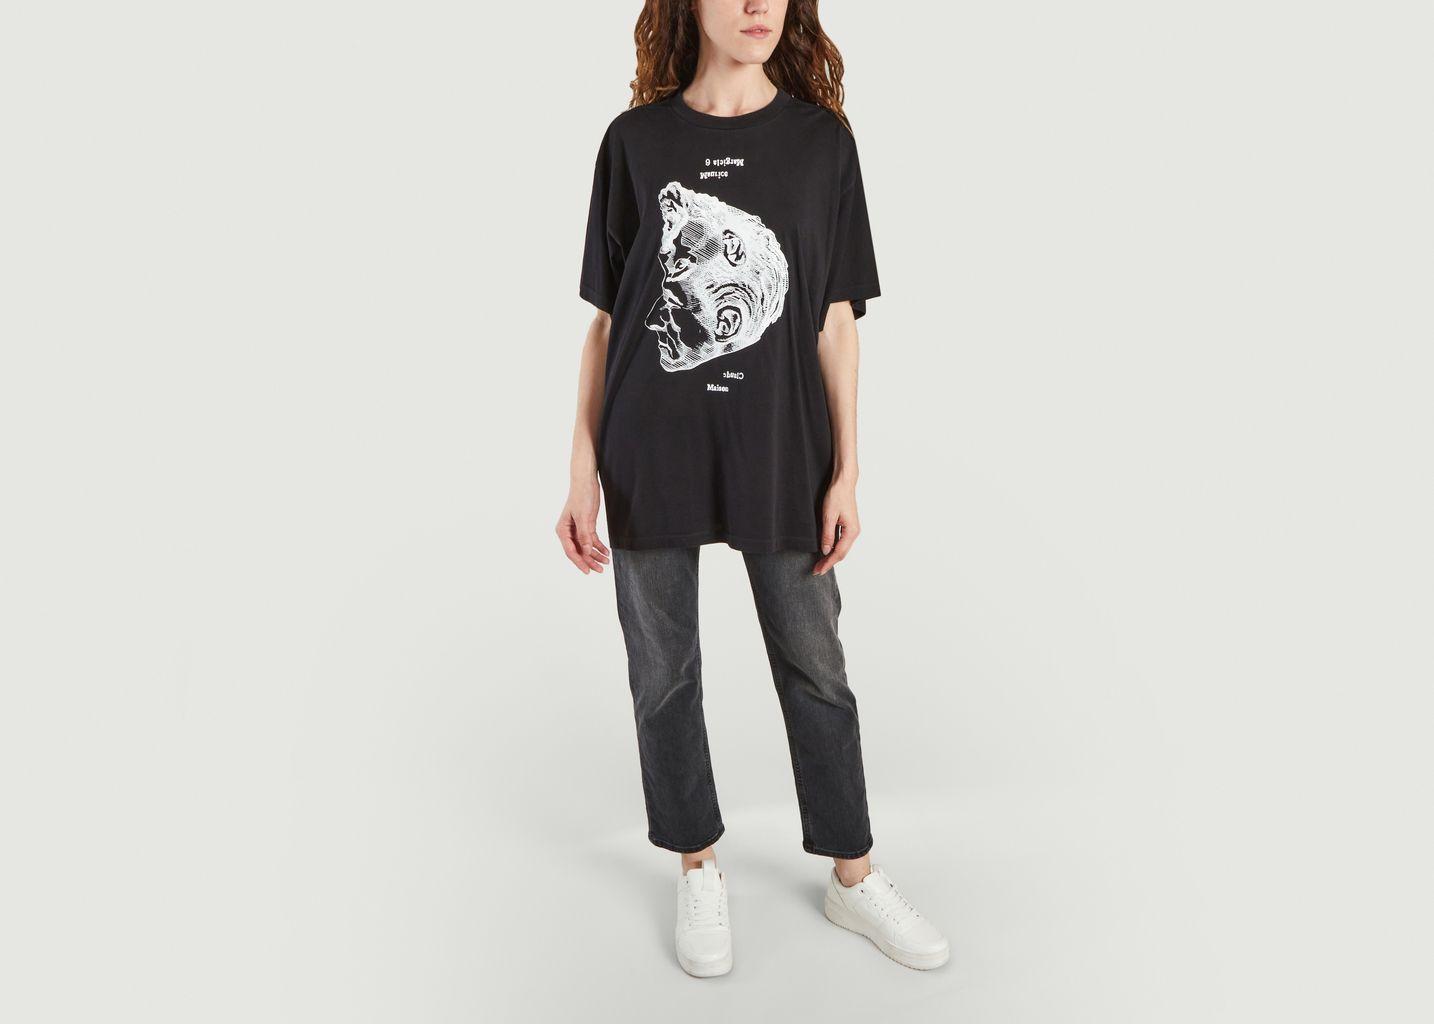 T-shirt visage - MM6 Maison Margiela